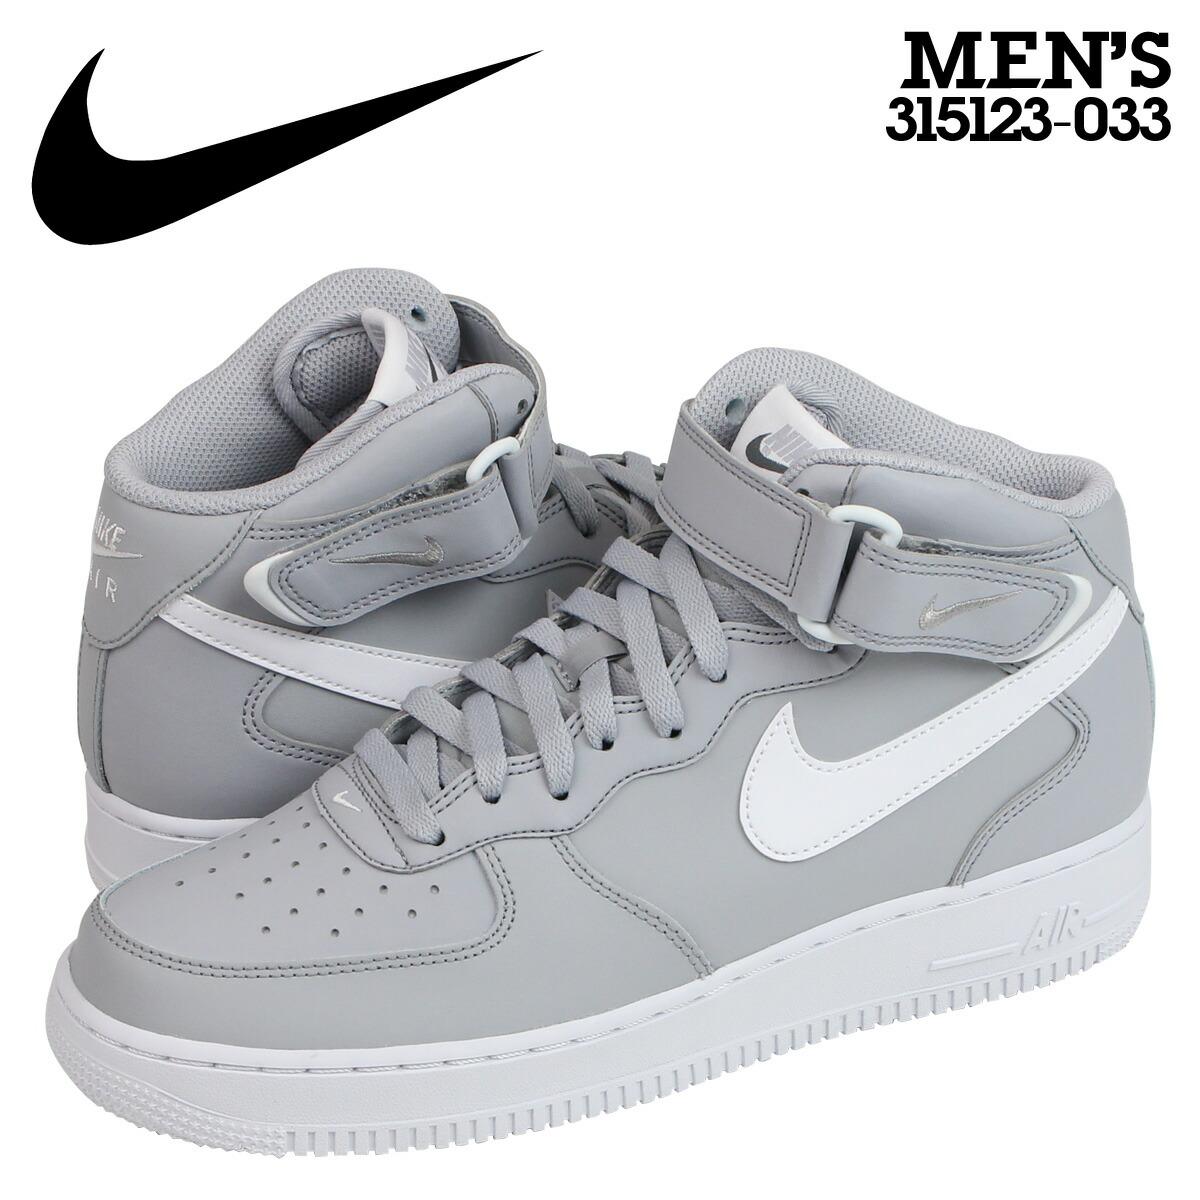 nike air force 1 metà uomini scarpe bianche.